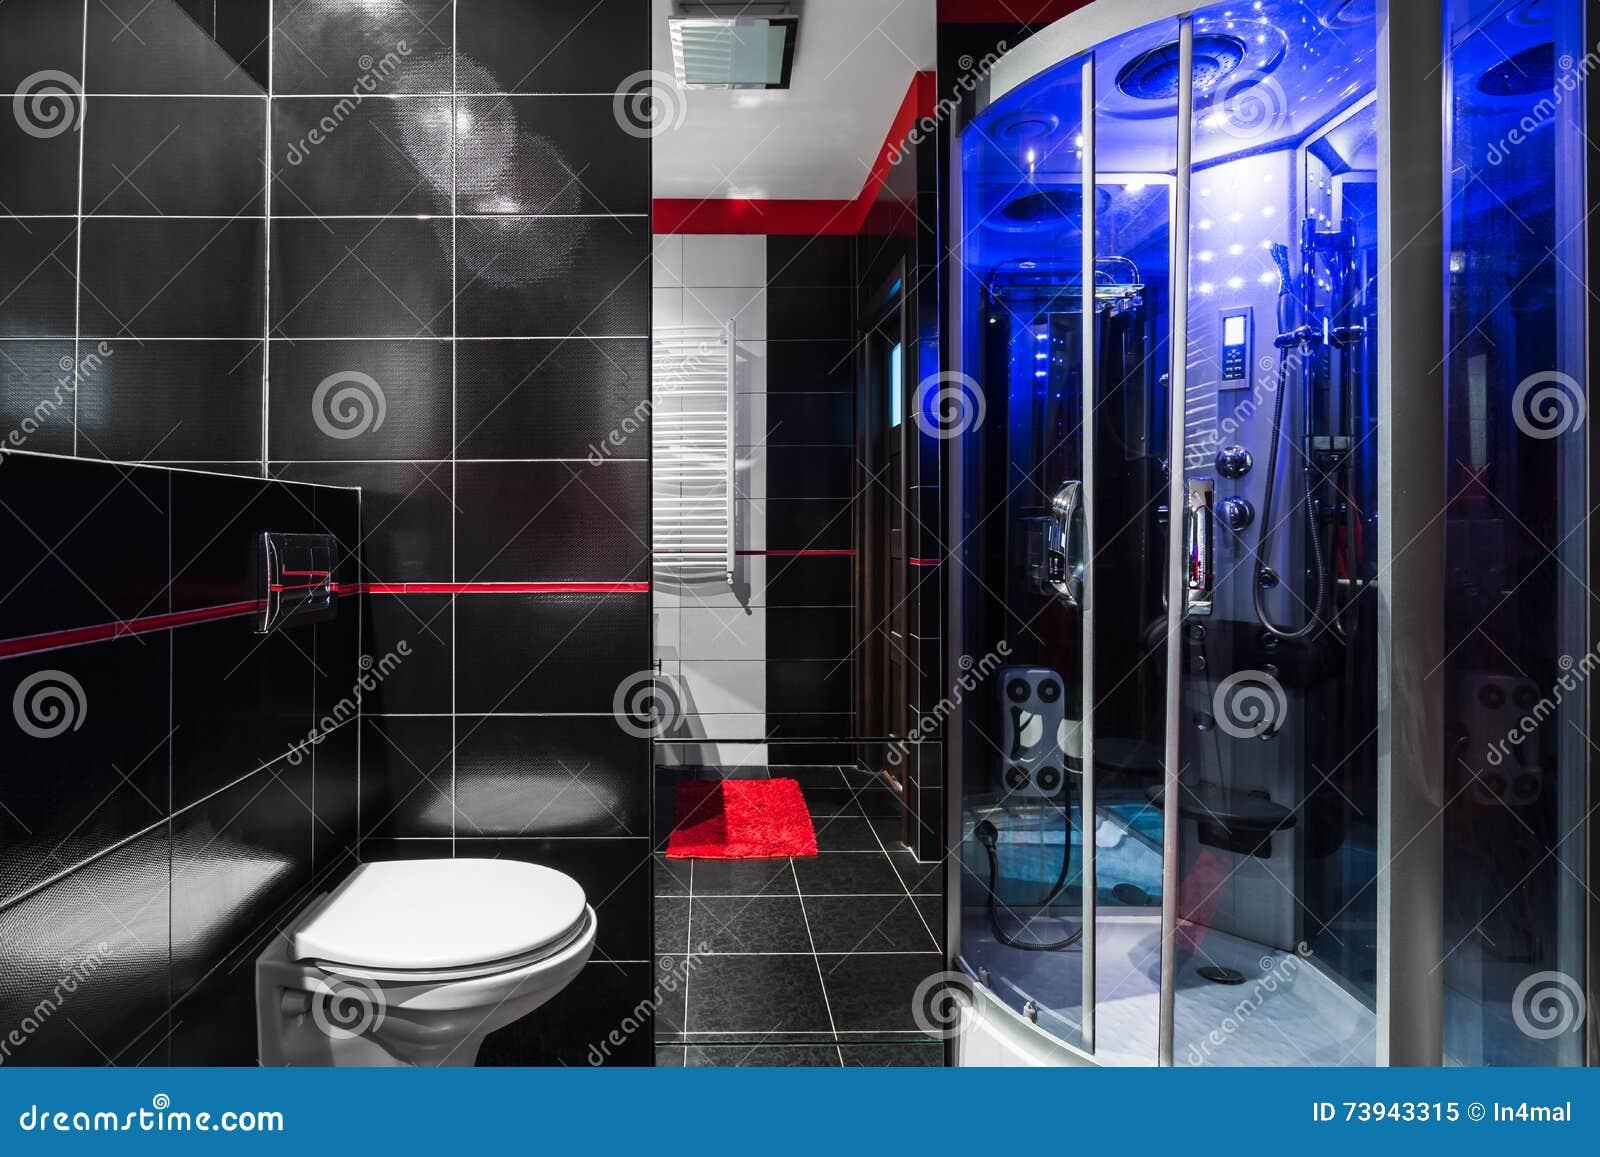 Idée De Pointe Luxe De Salle De Bains Image stock - Image du ...